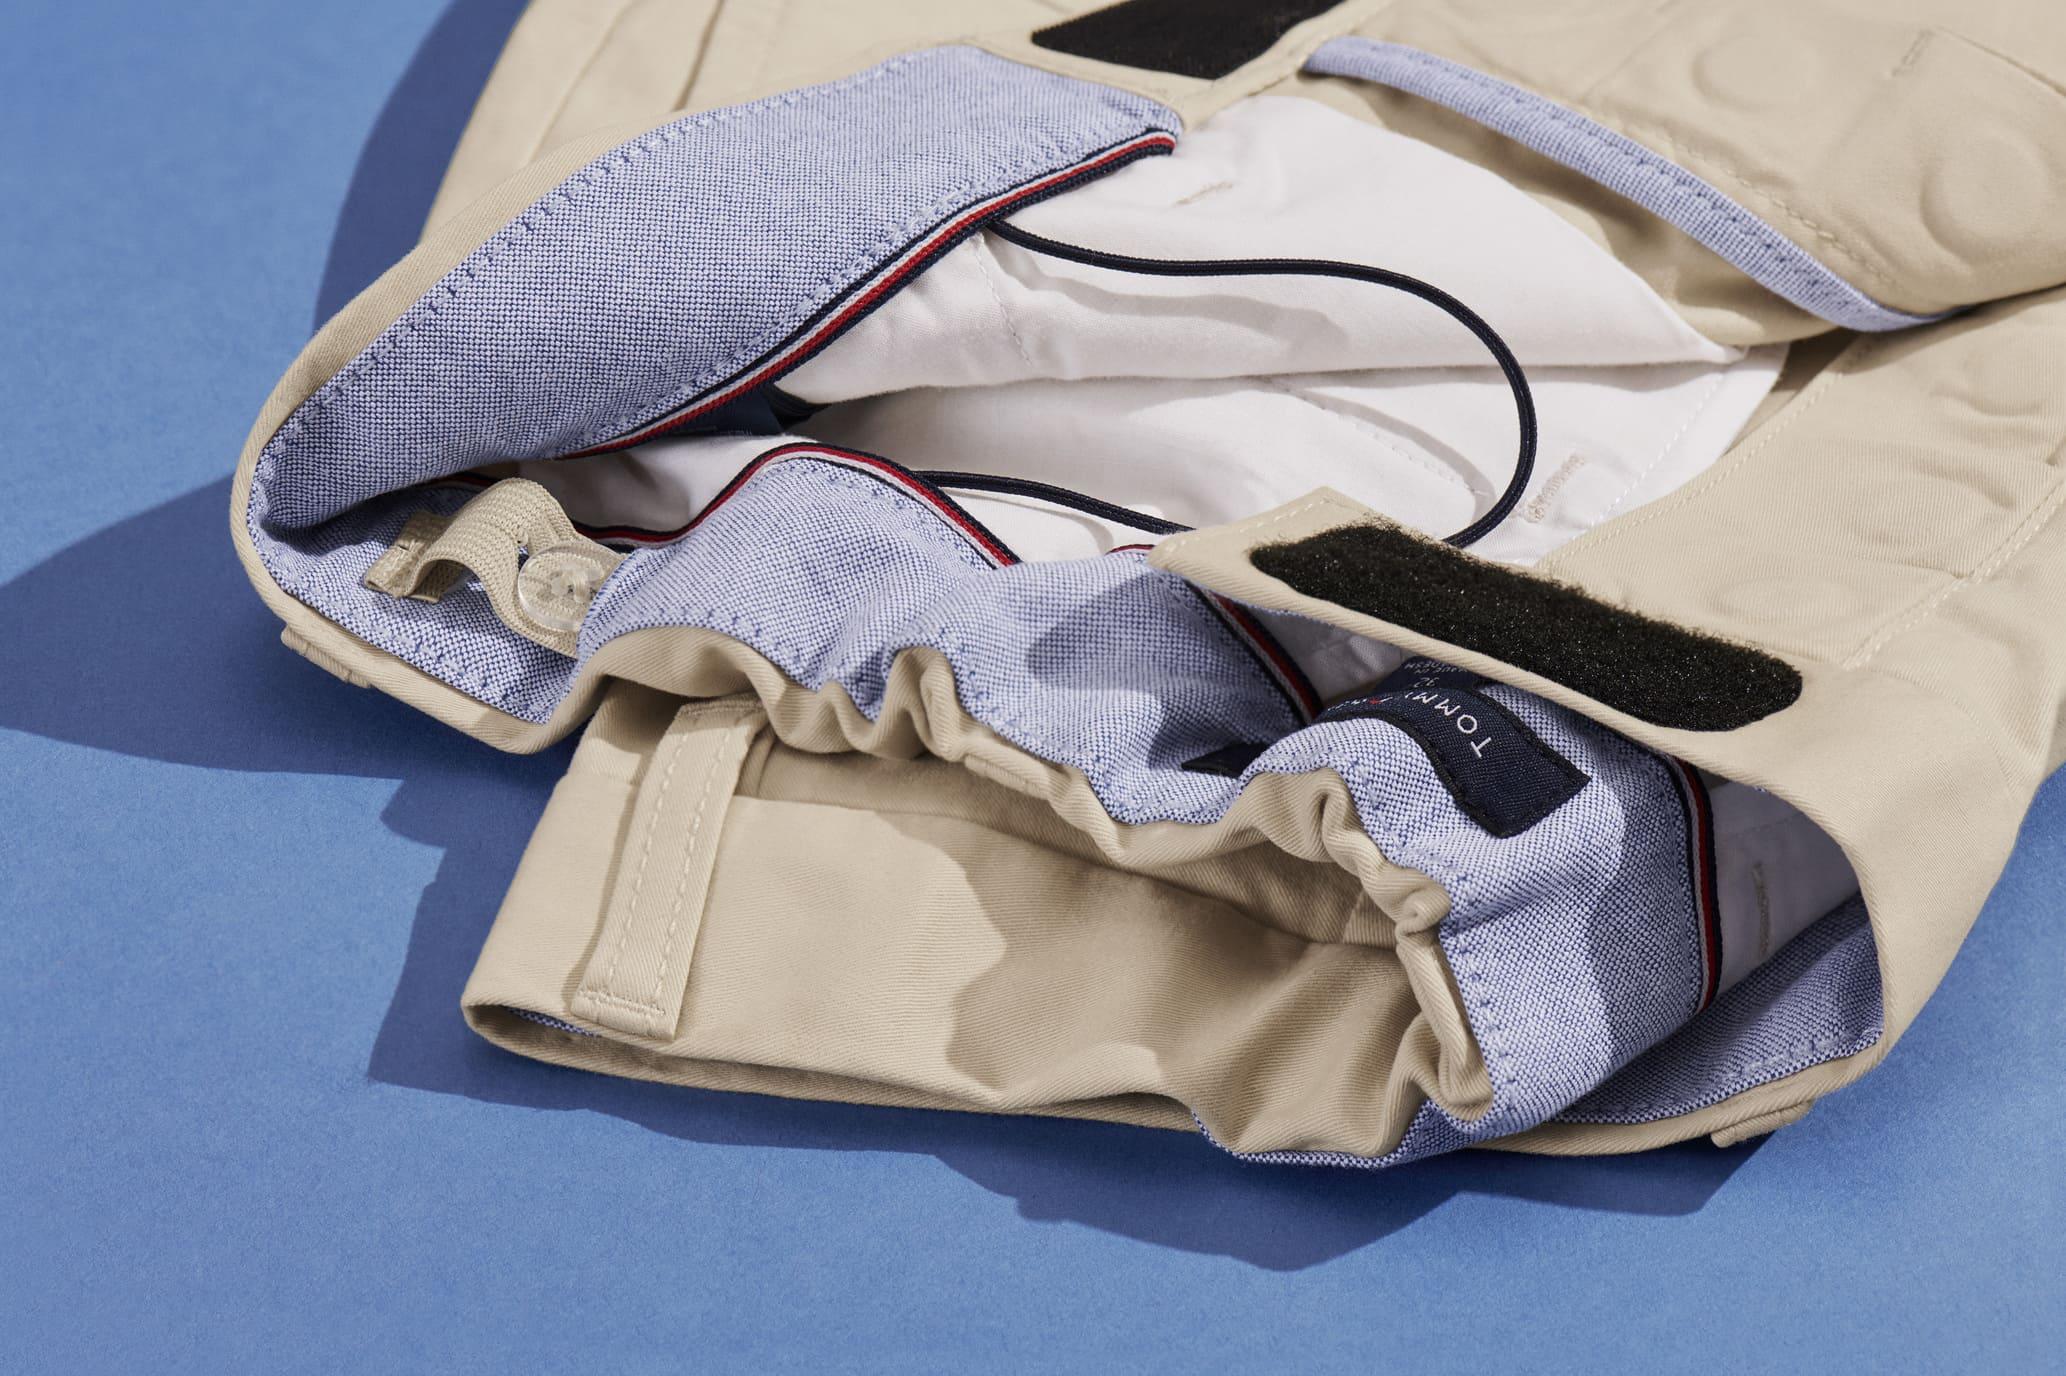 pantalon con adaptaciones